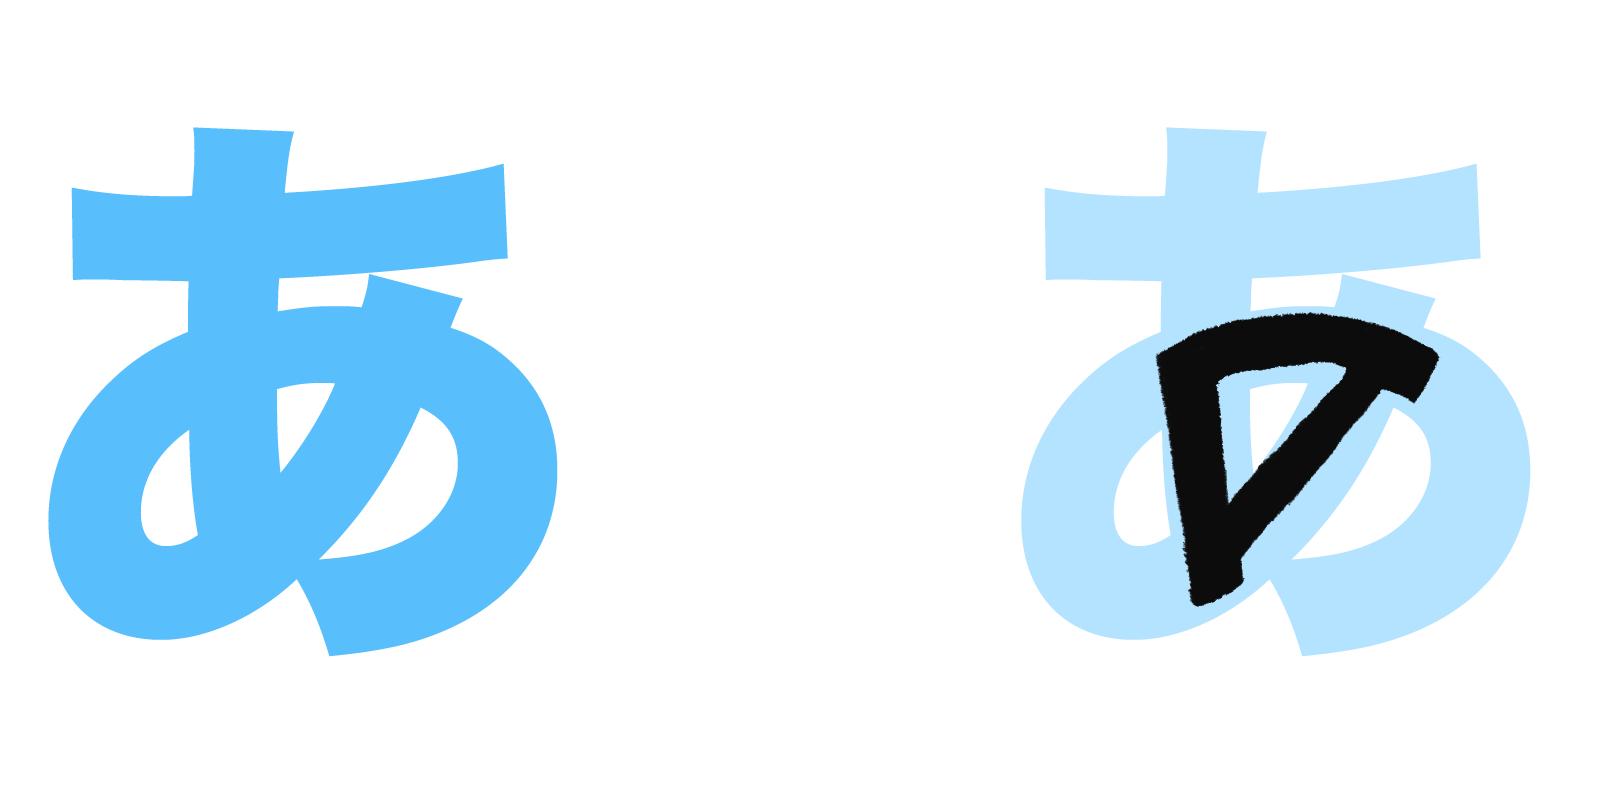 あ hiragana mnemonic